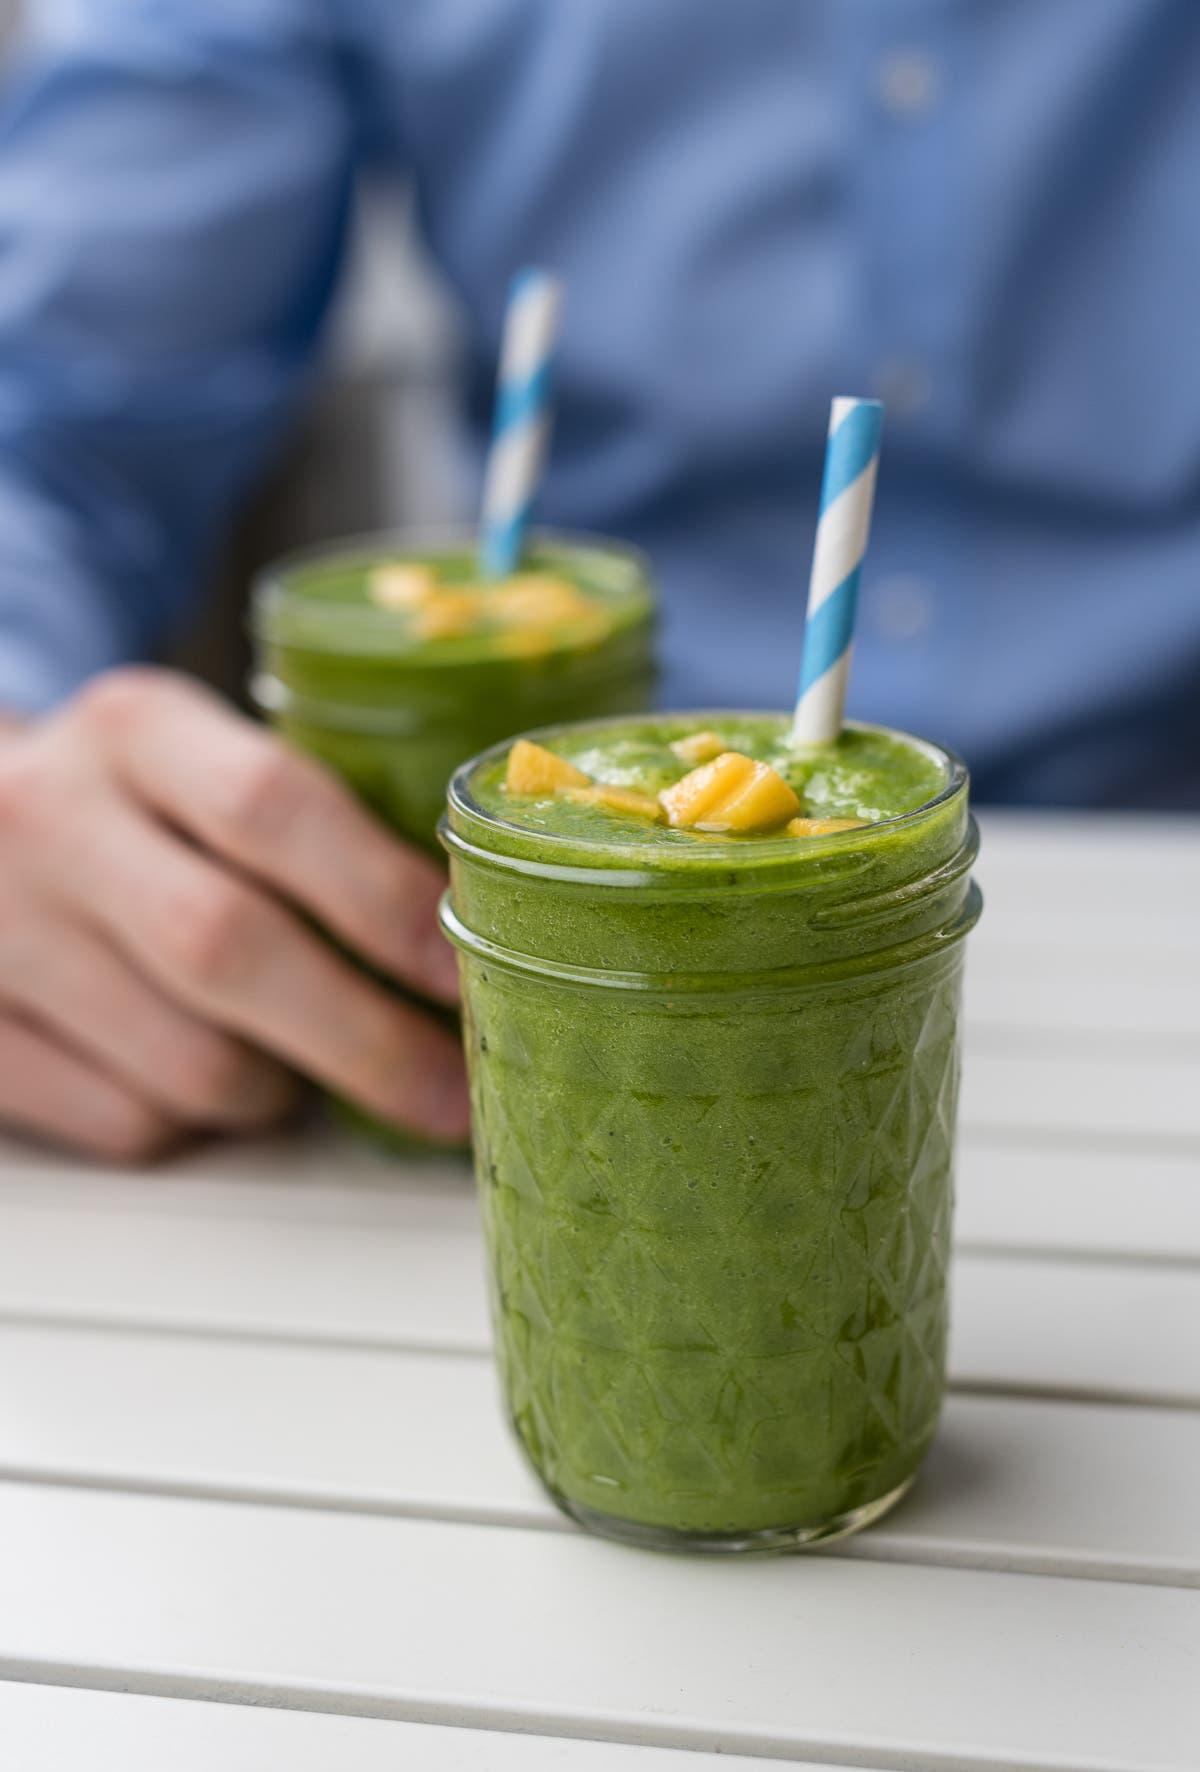 Herrlich erfrischender grüner Smoothie mit Spinat, Mango und Kokoswasser